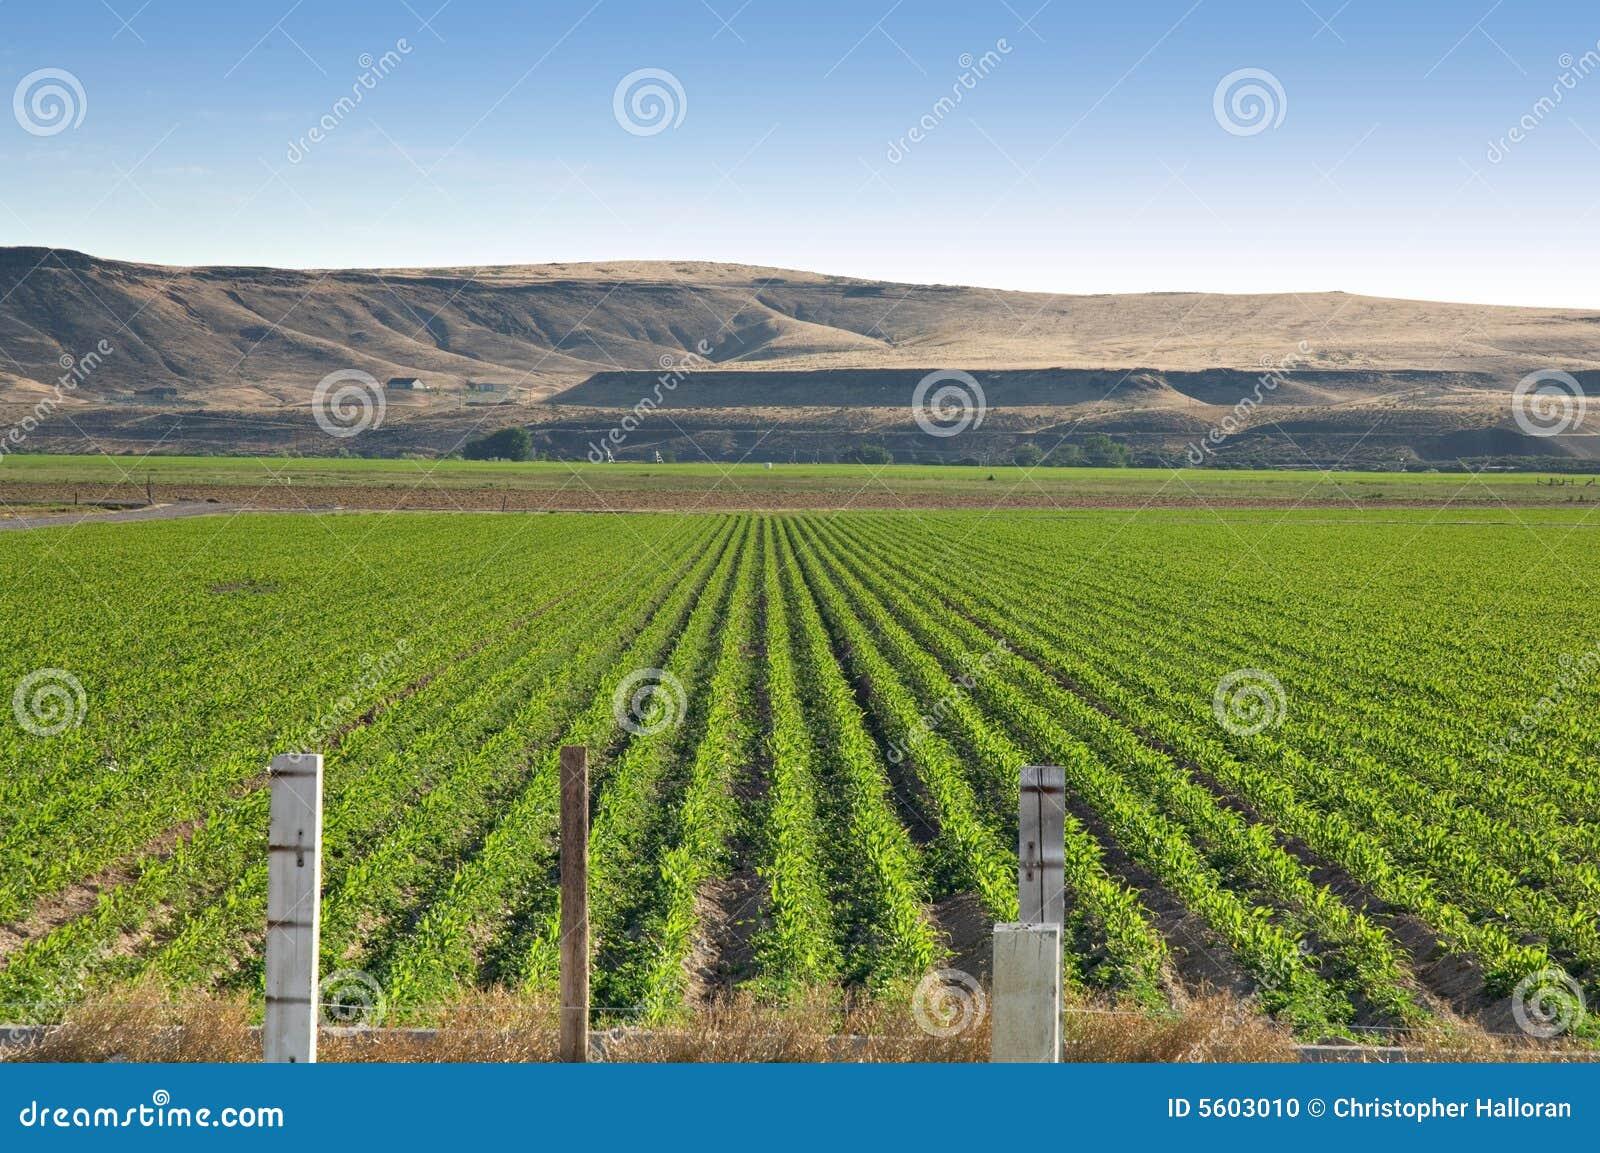 Idaho corn field